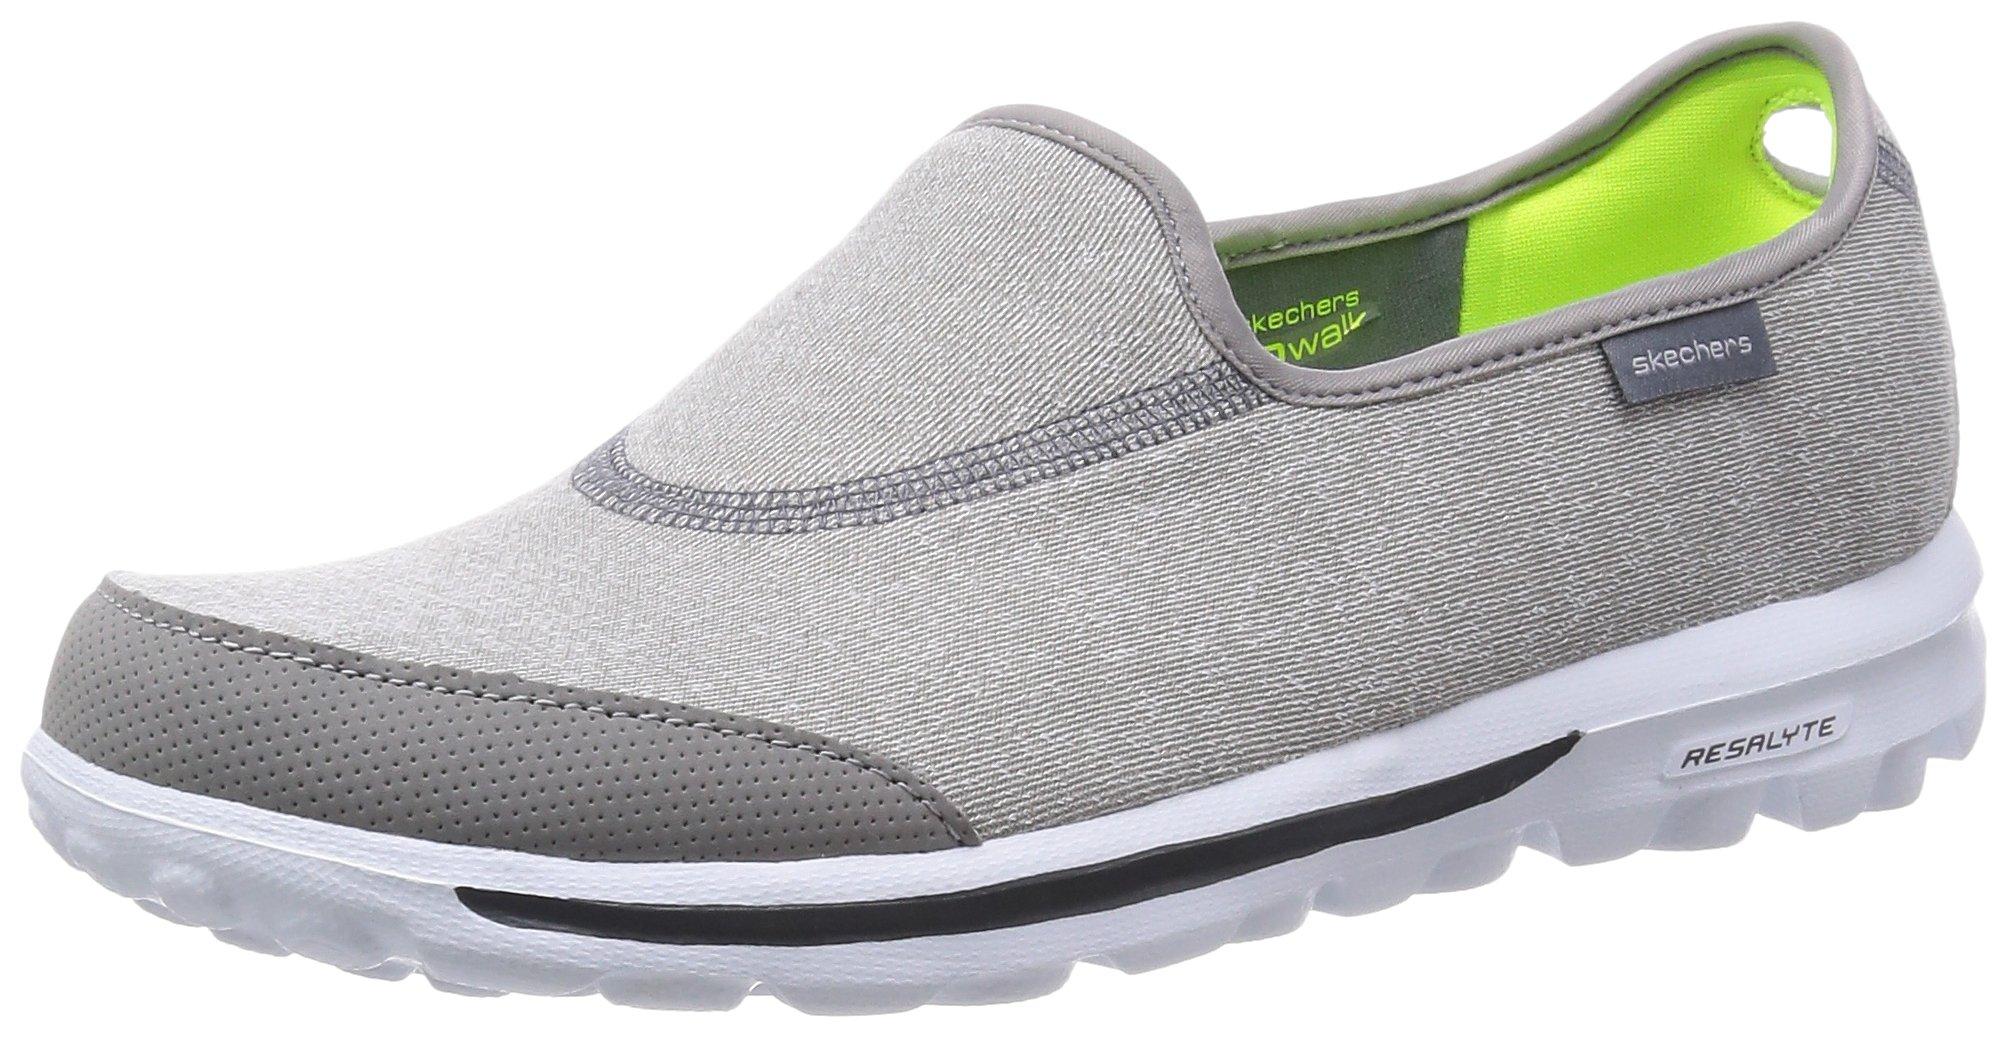 Skechers Performance Women's Go Walk Impress Memory Foam Slip-On Walking Shoe, Gray, 7 M US